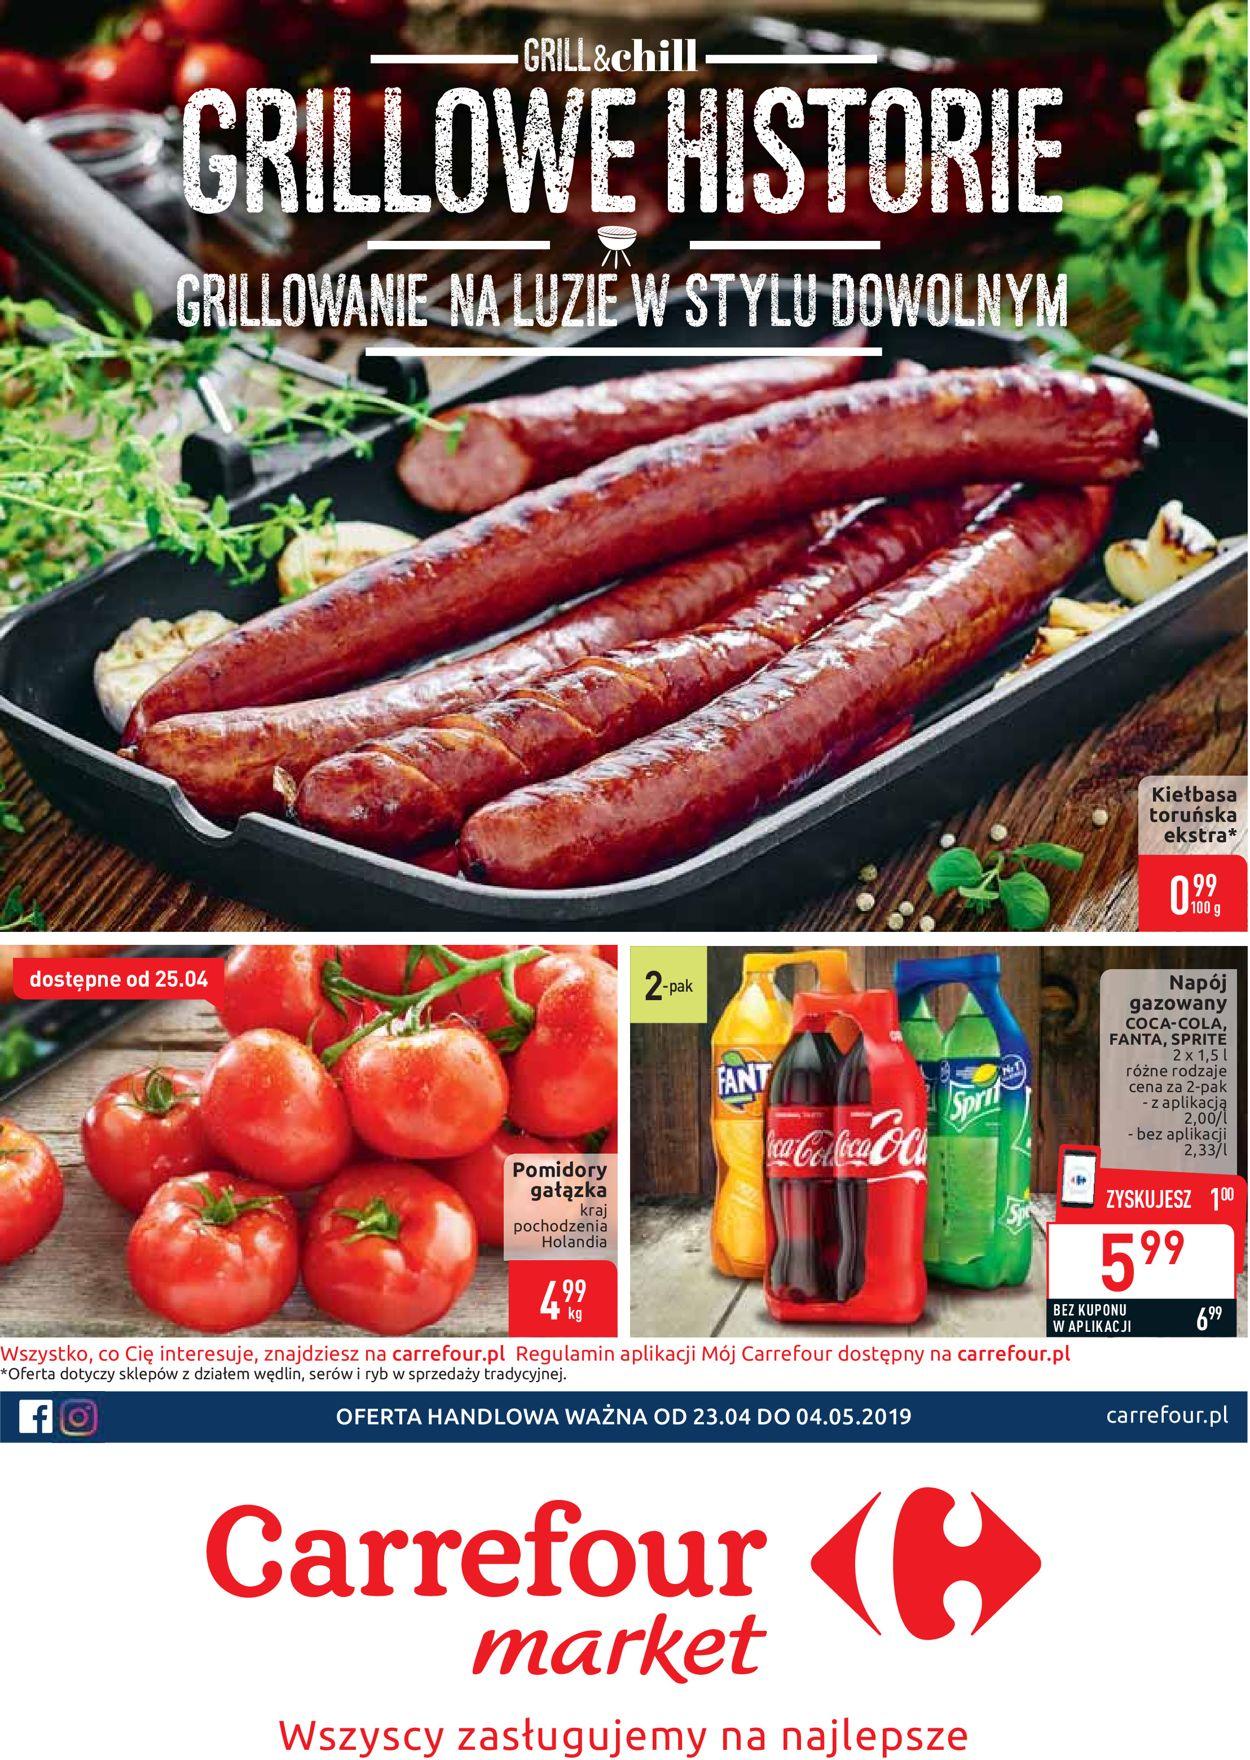 Gazetka promocyjna Carrefour - 23.04-04.05.2019